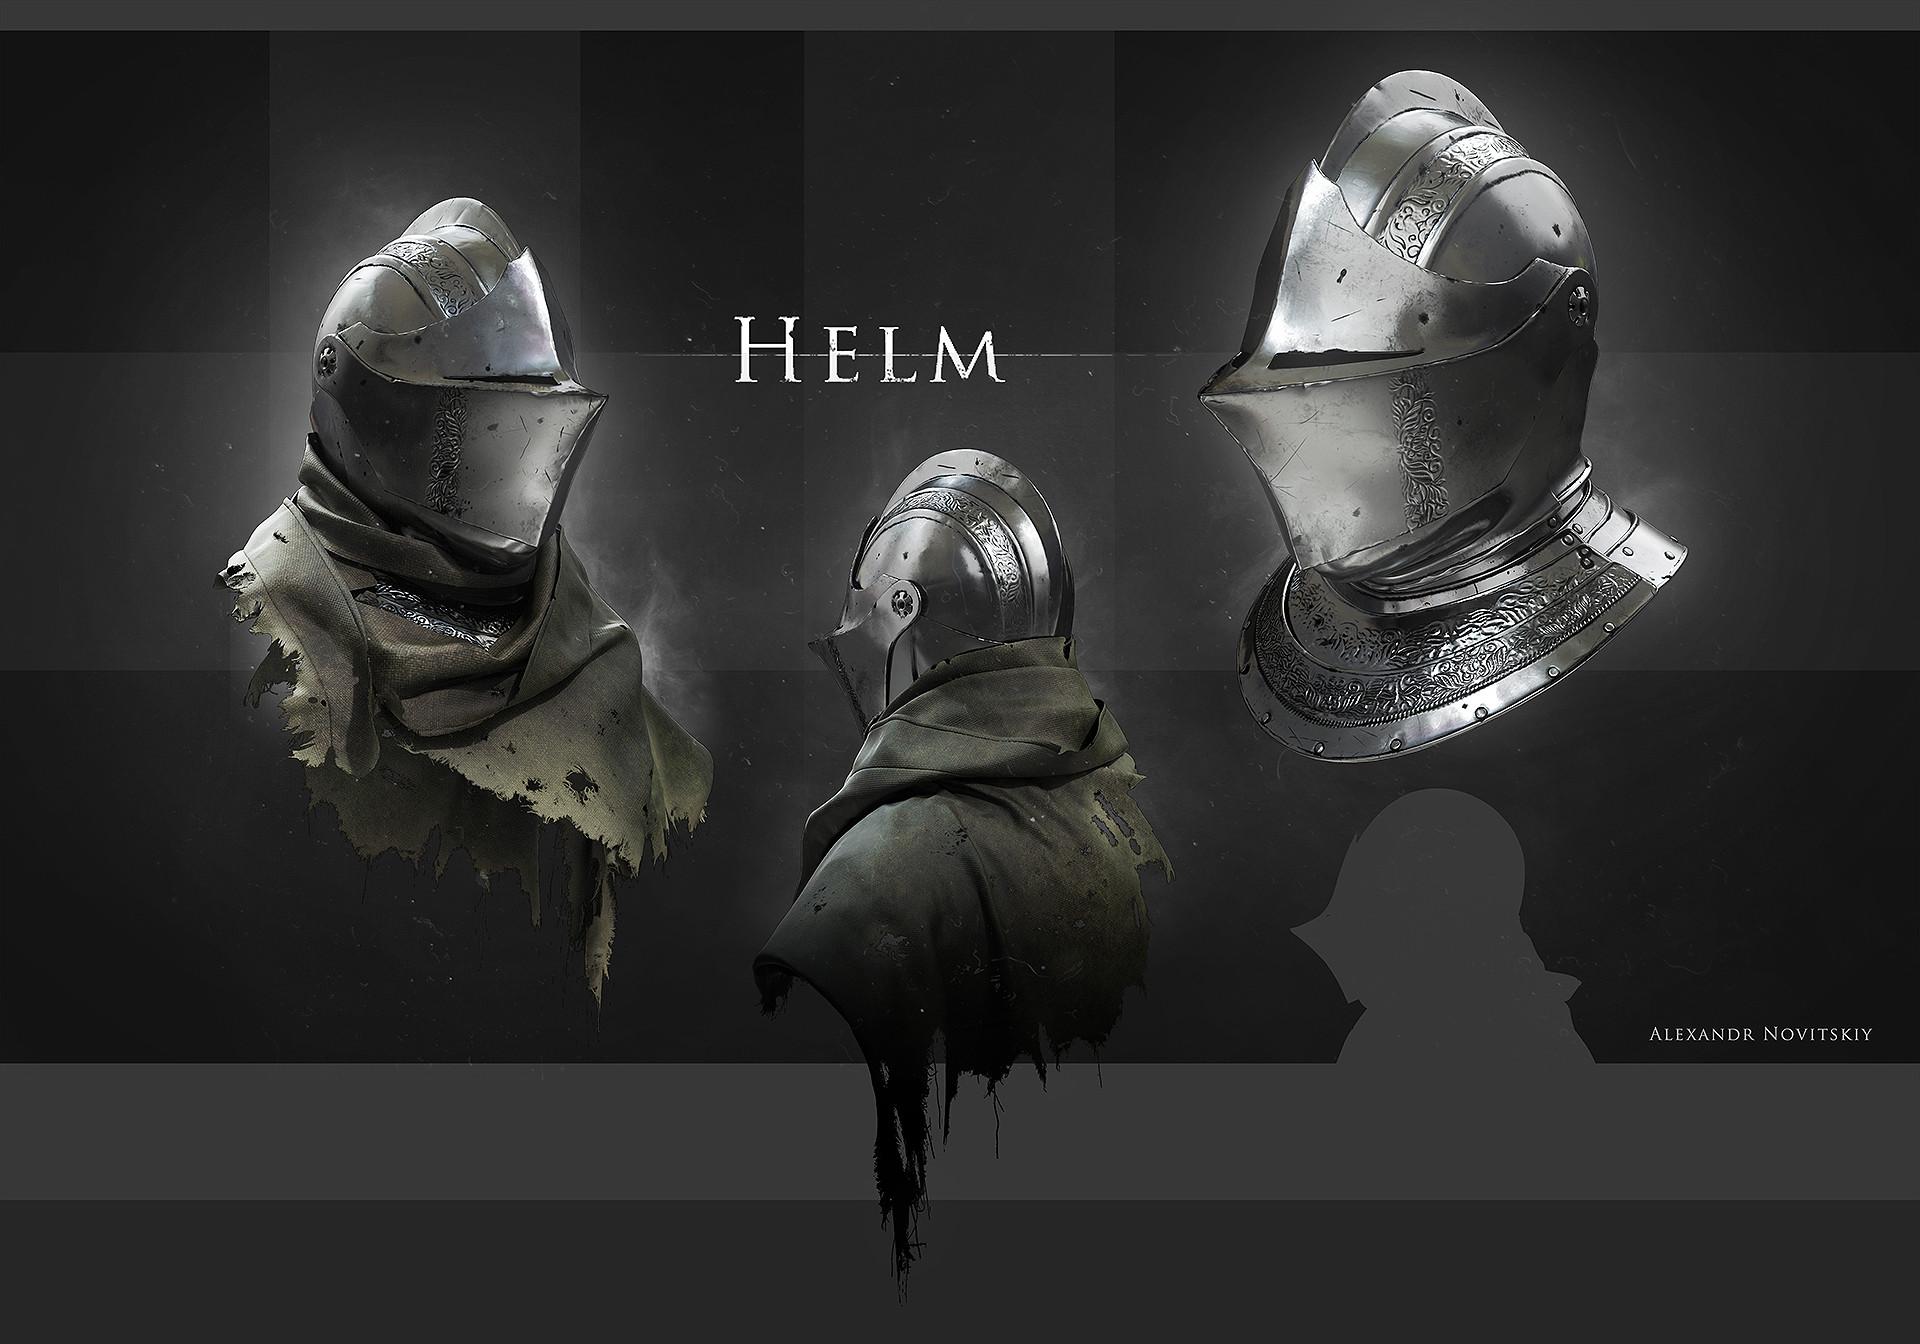 Alexandr novitskiy dark knight helm